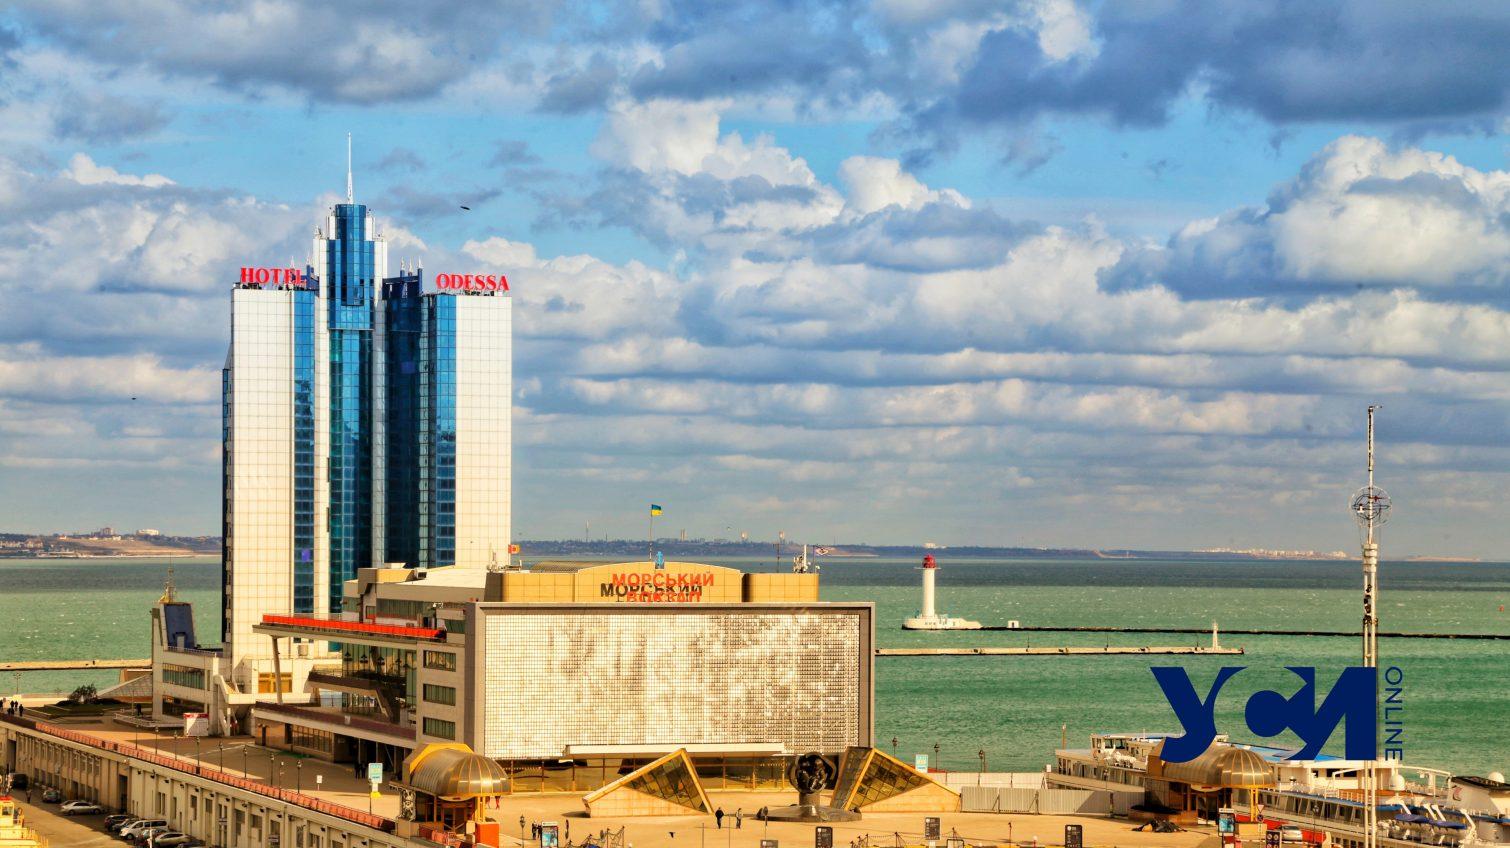 В порту появится отель международной сети на месте закрытой «Одессы» «фото»